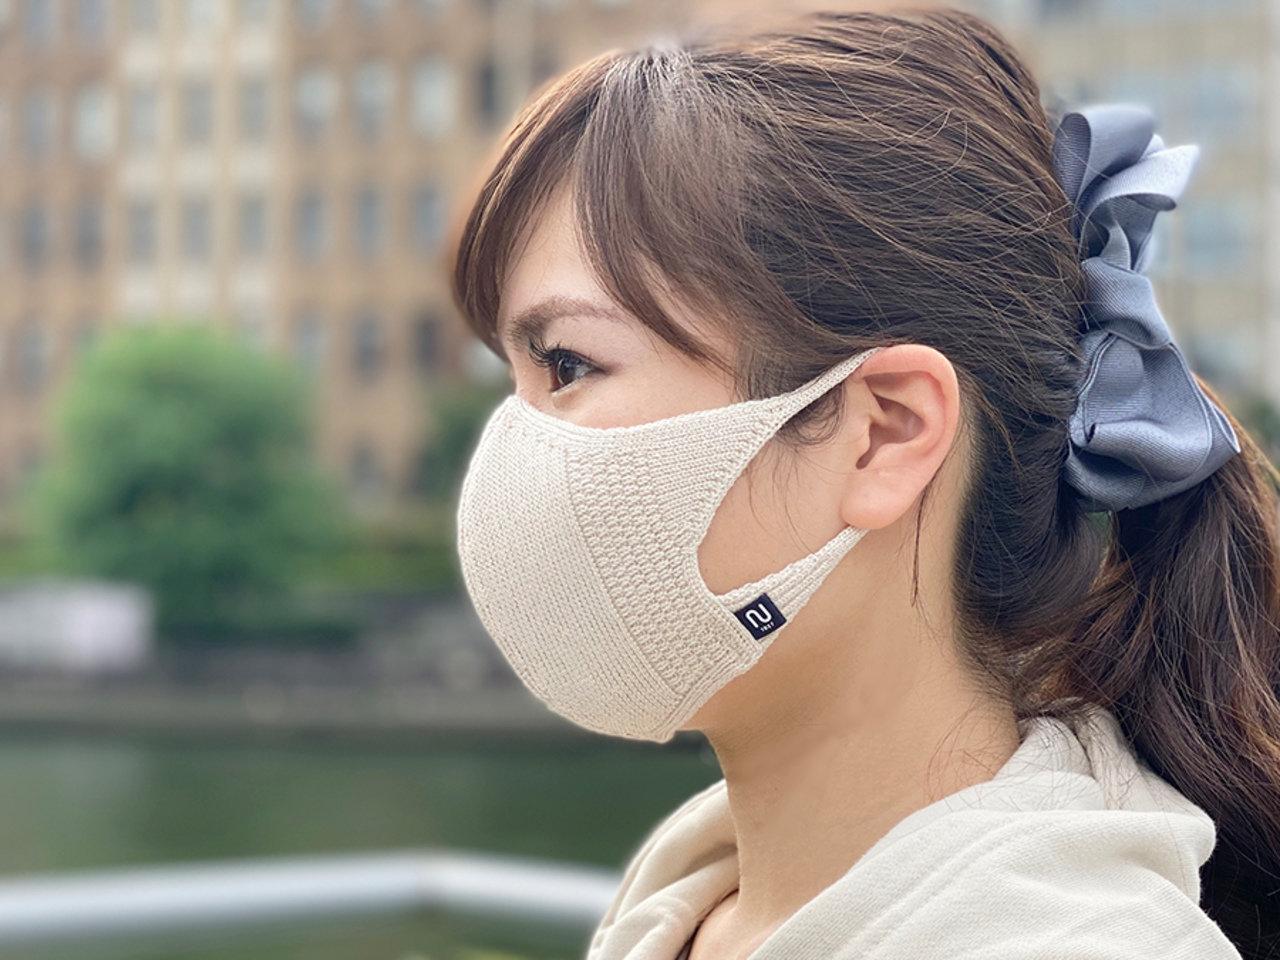 花粉96.3%カット!1枚1800円「無縫製の立体フィット&形状記憶ニットマスク」が新登場。